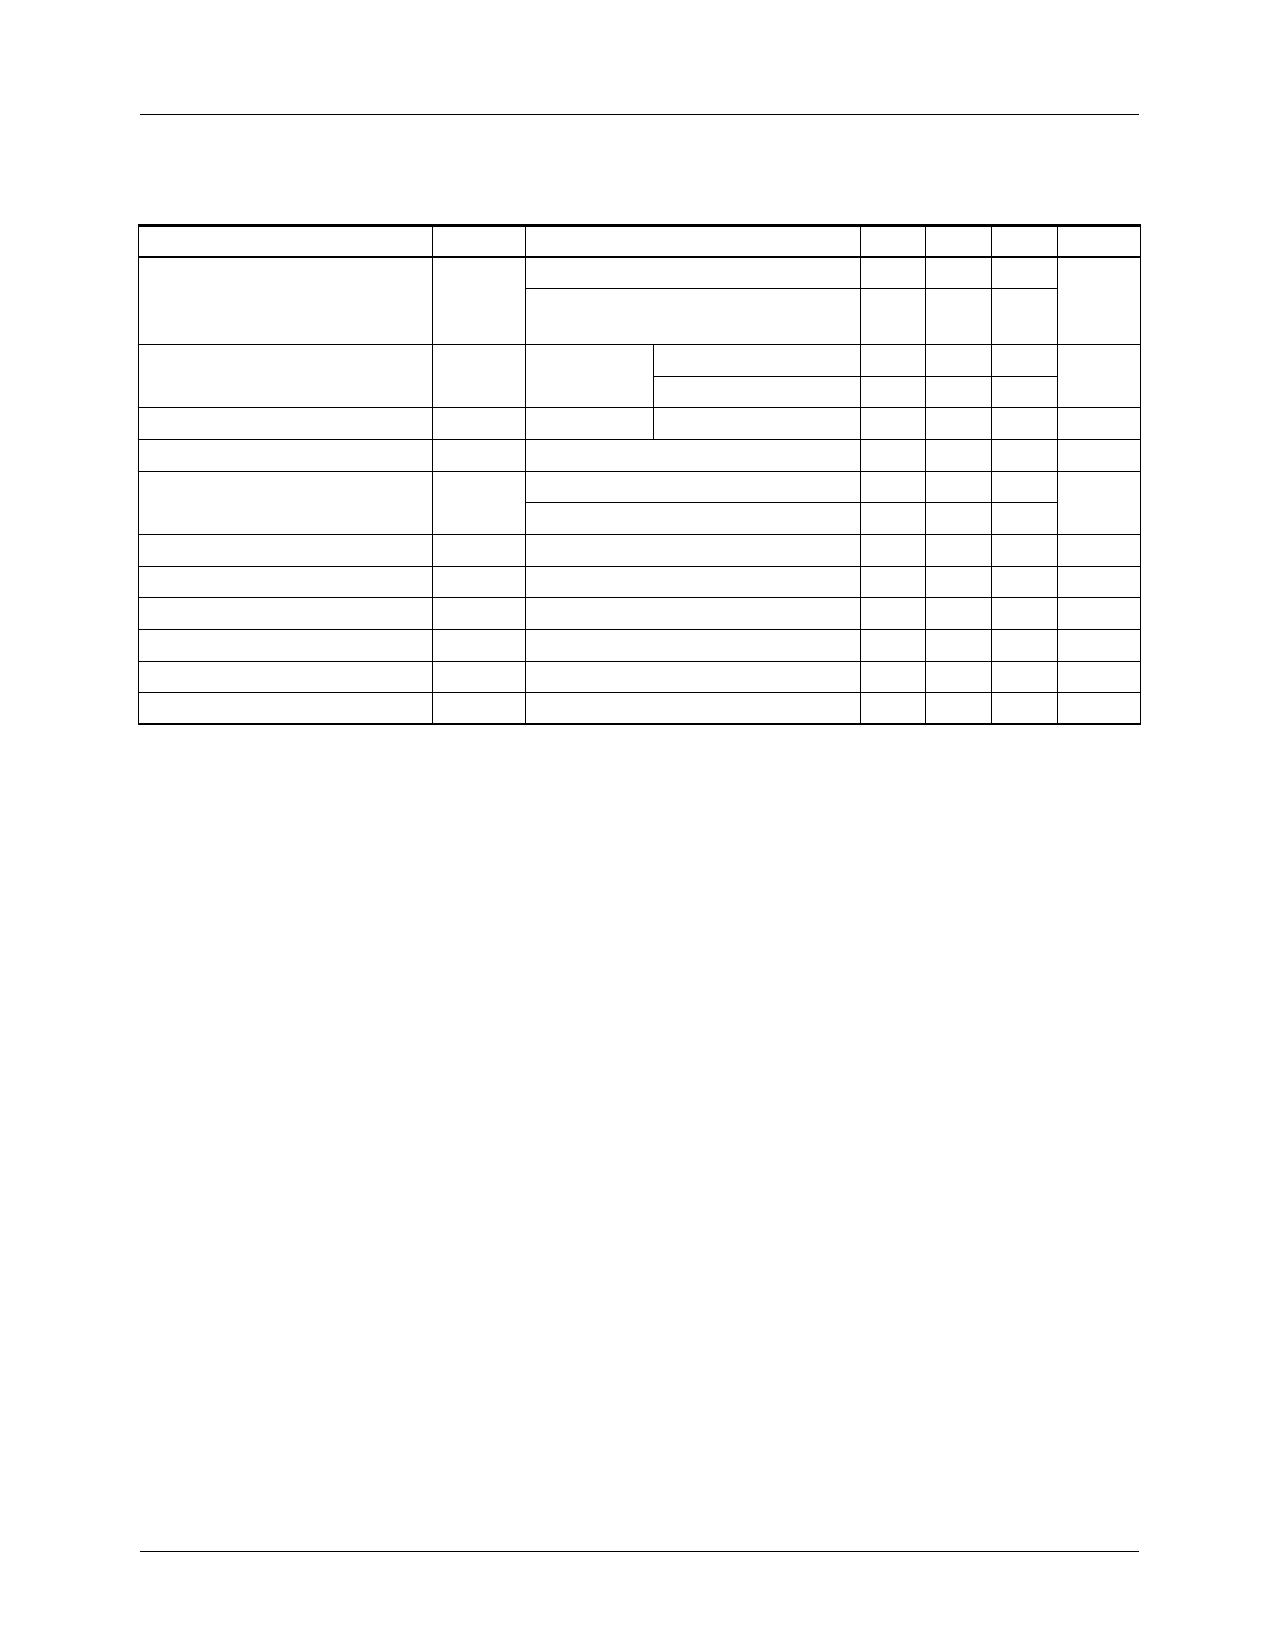 KA79MXX pdf, ピン配列